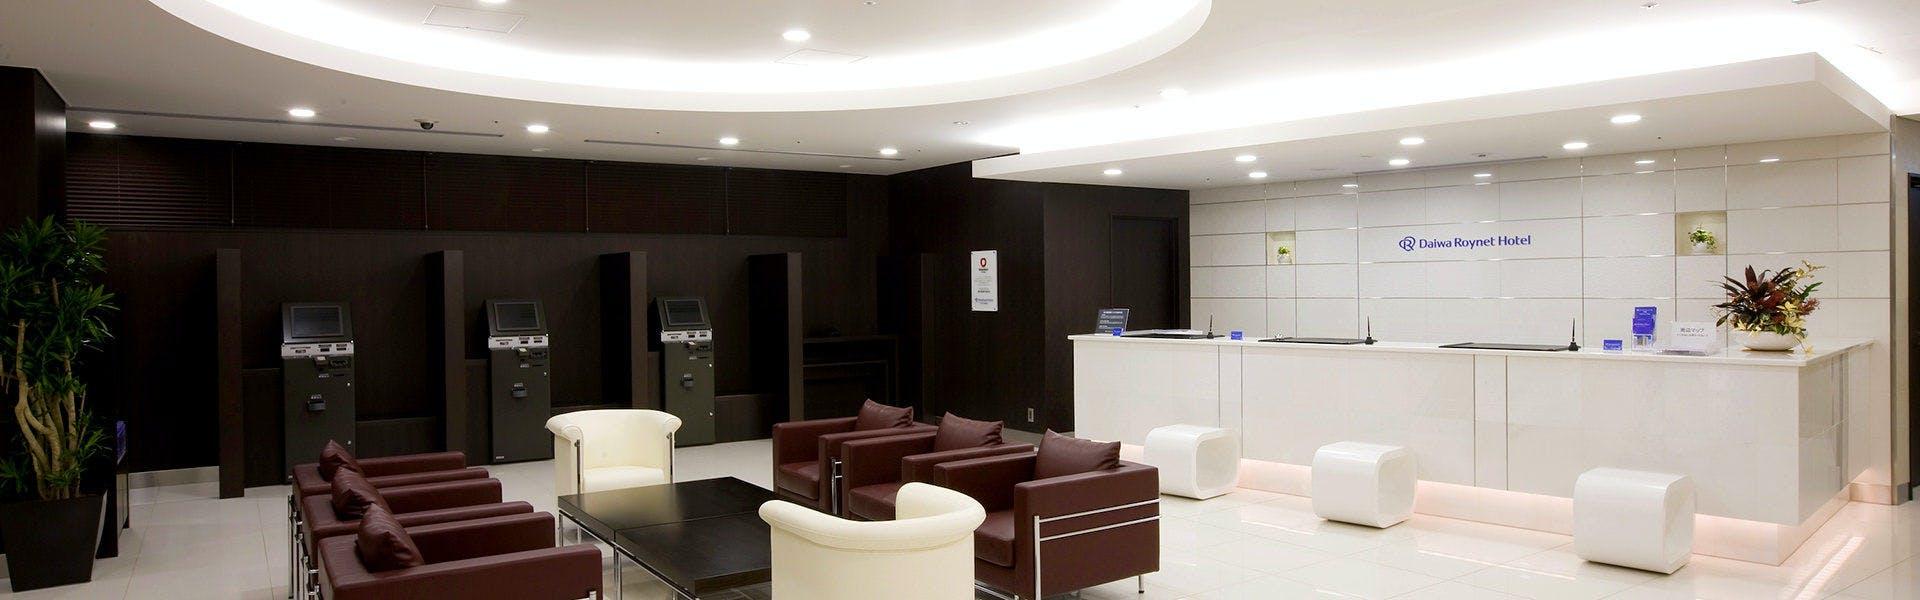 ダイワロイネットホテル川崎 - 宿泊予約は[一休.com]